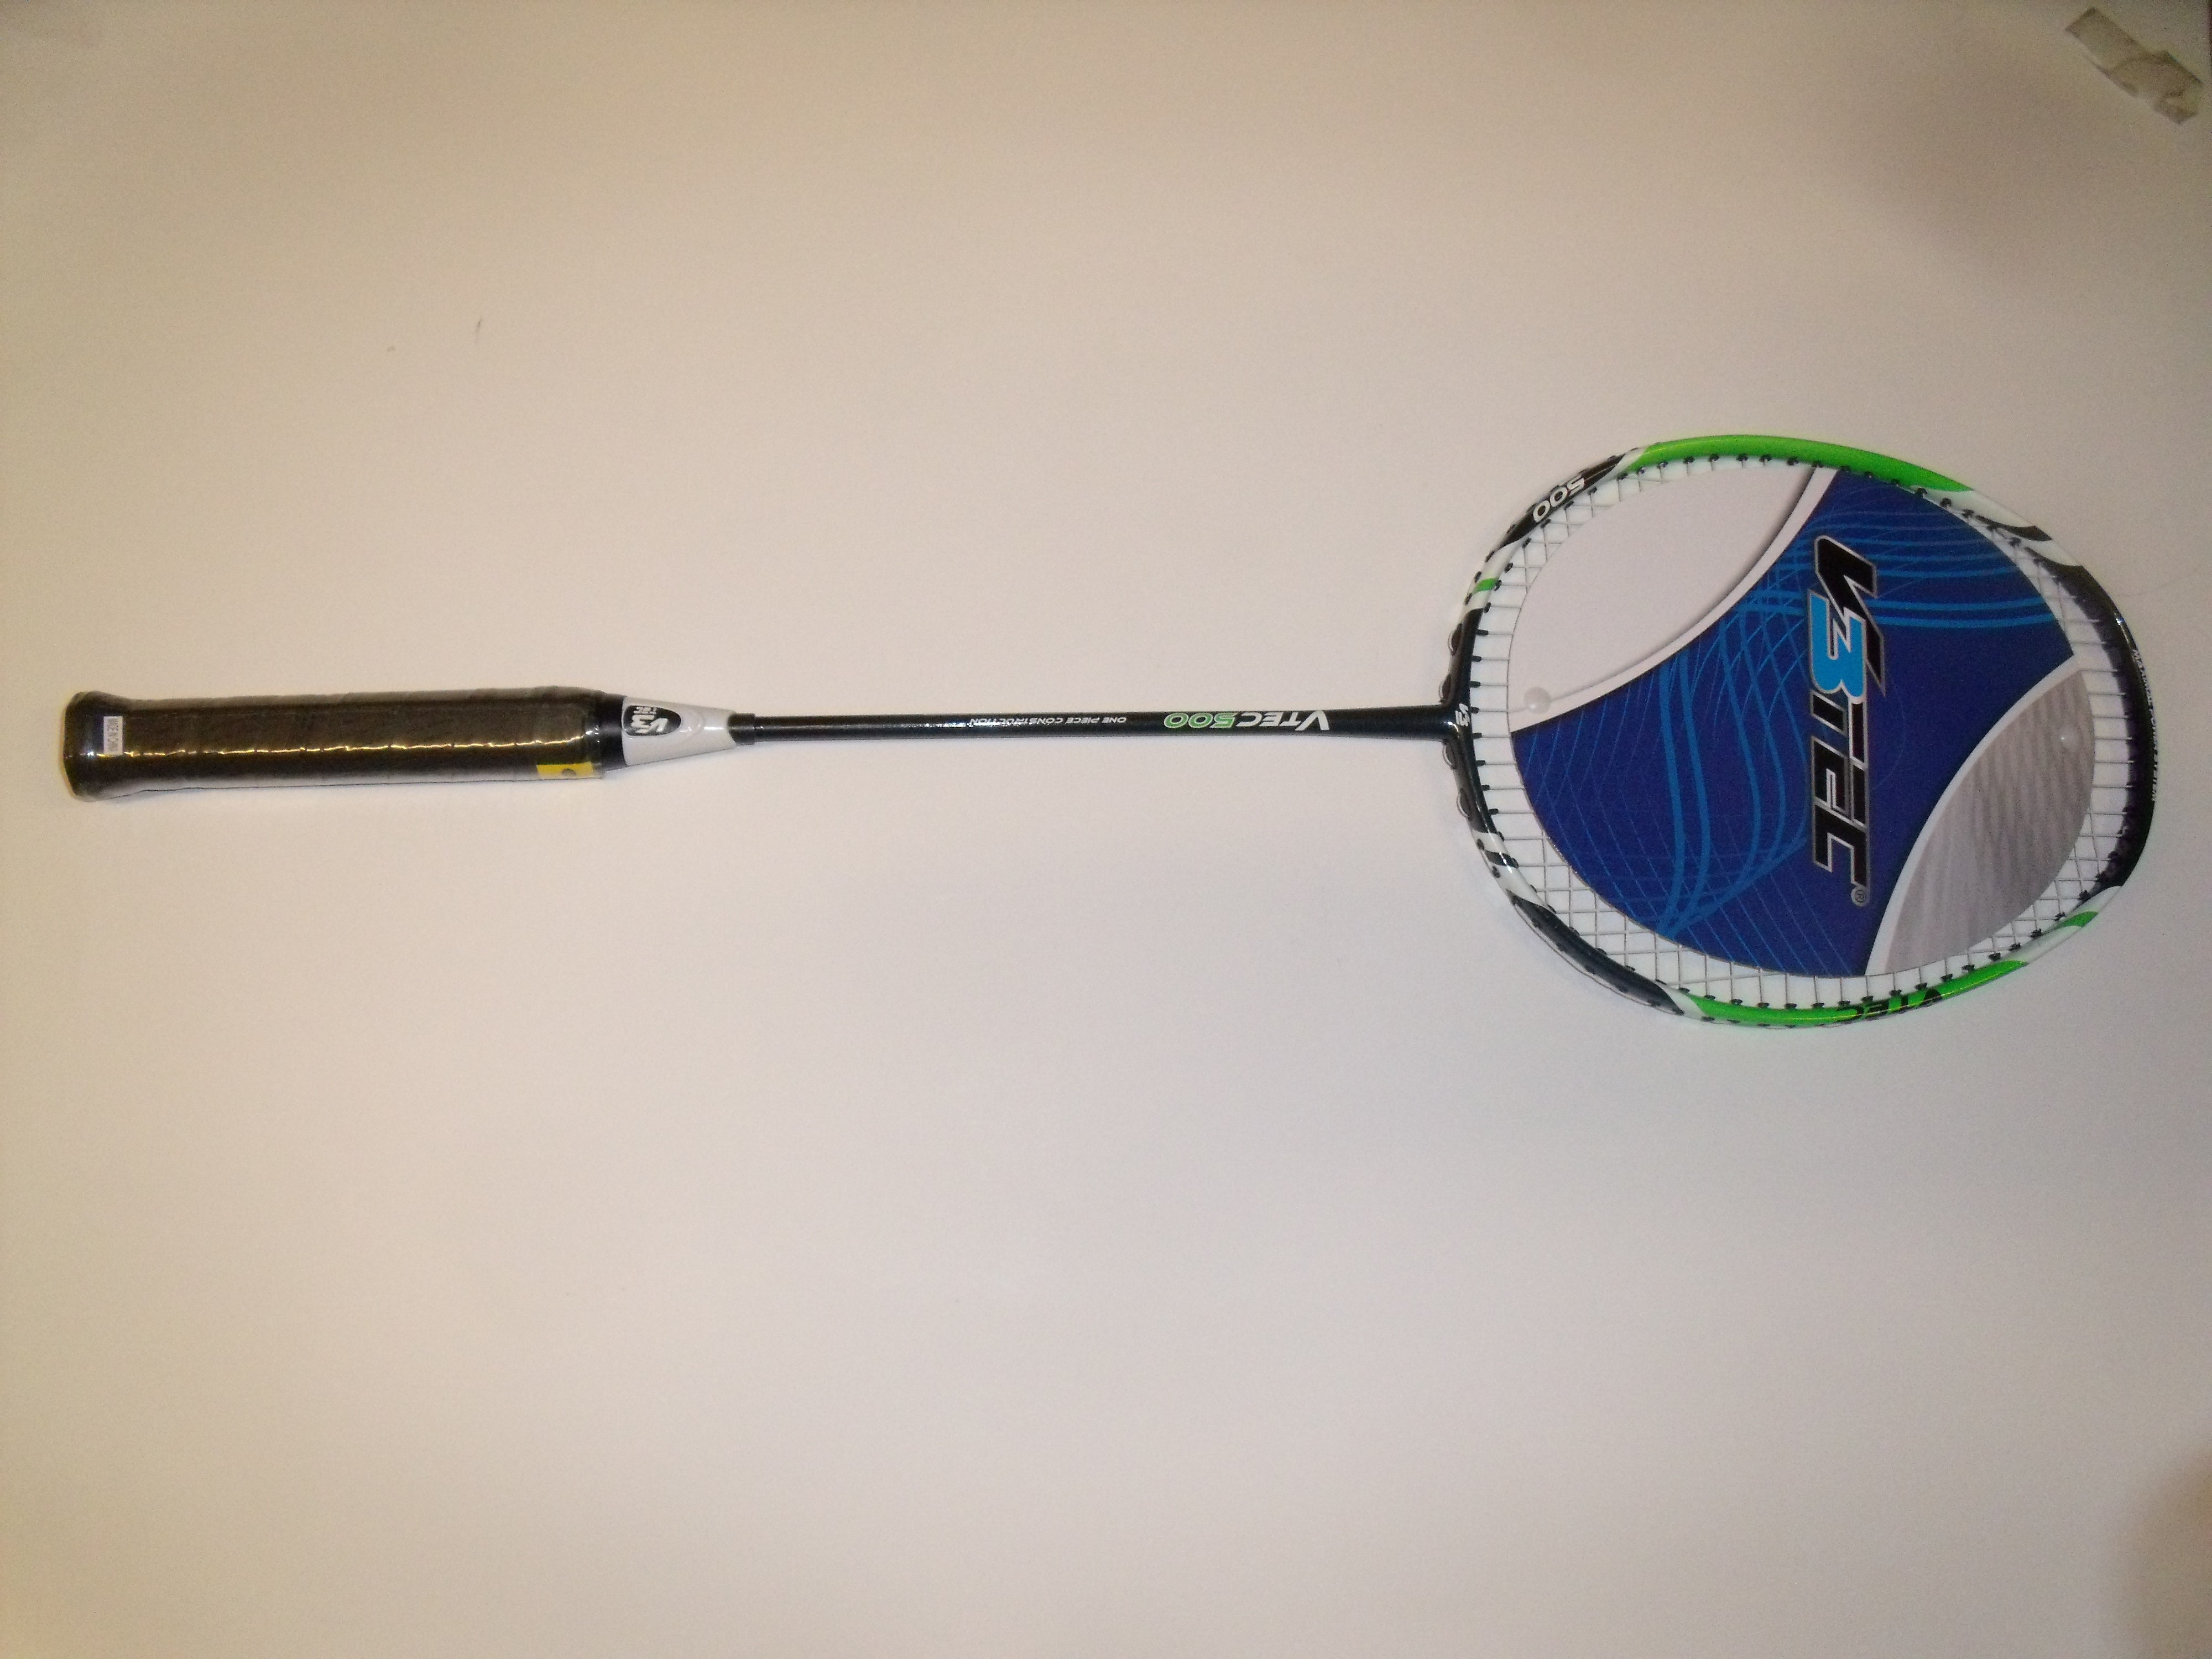 badmintonracket V3tec (90)